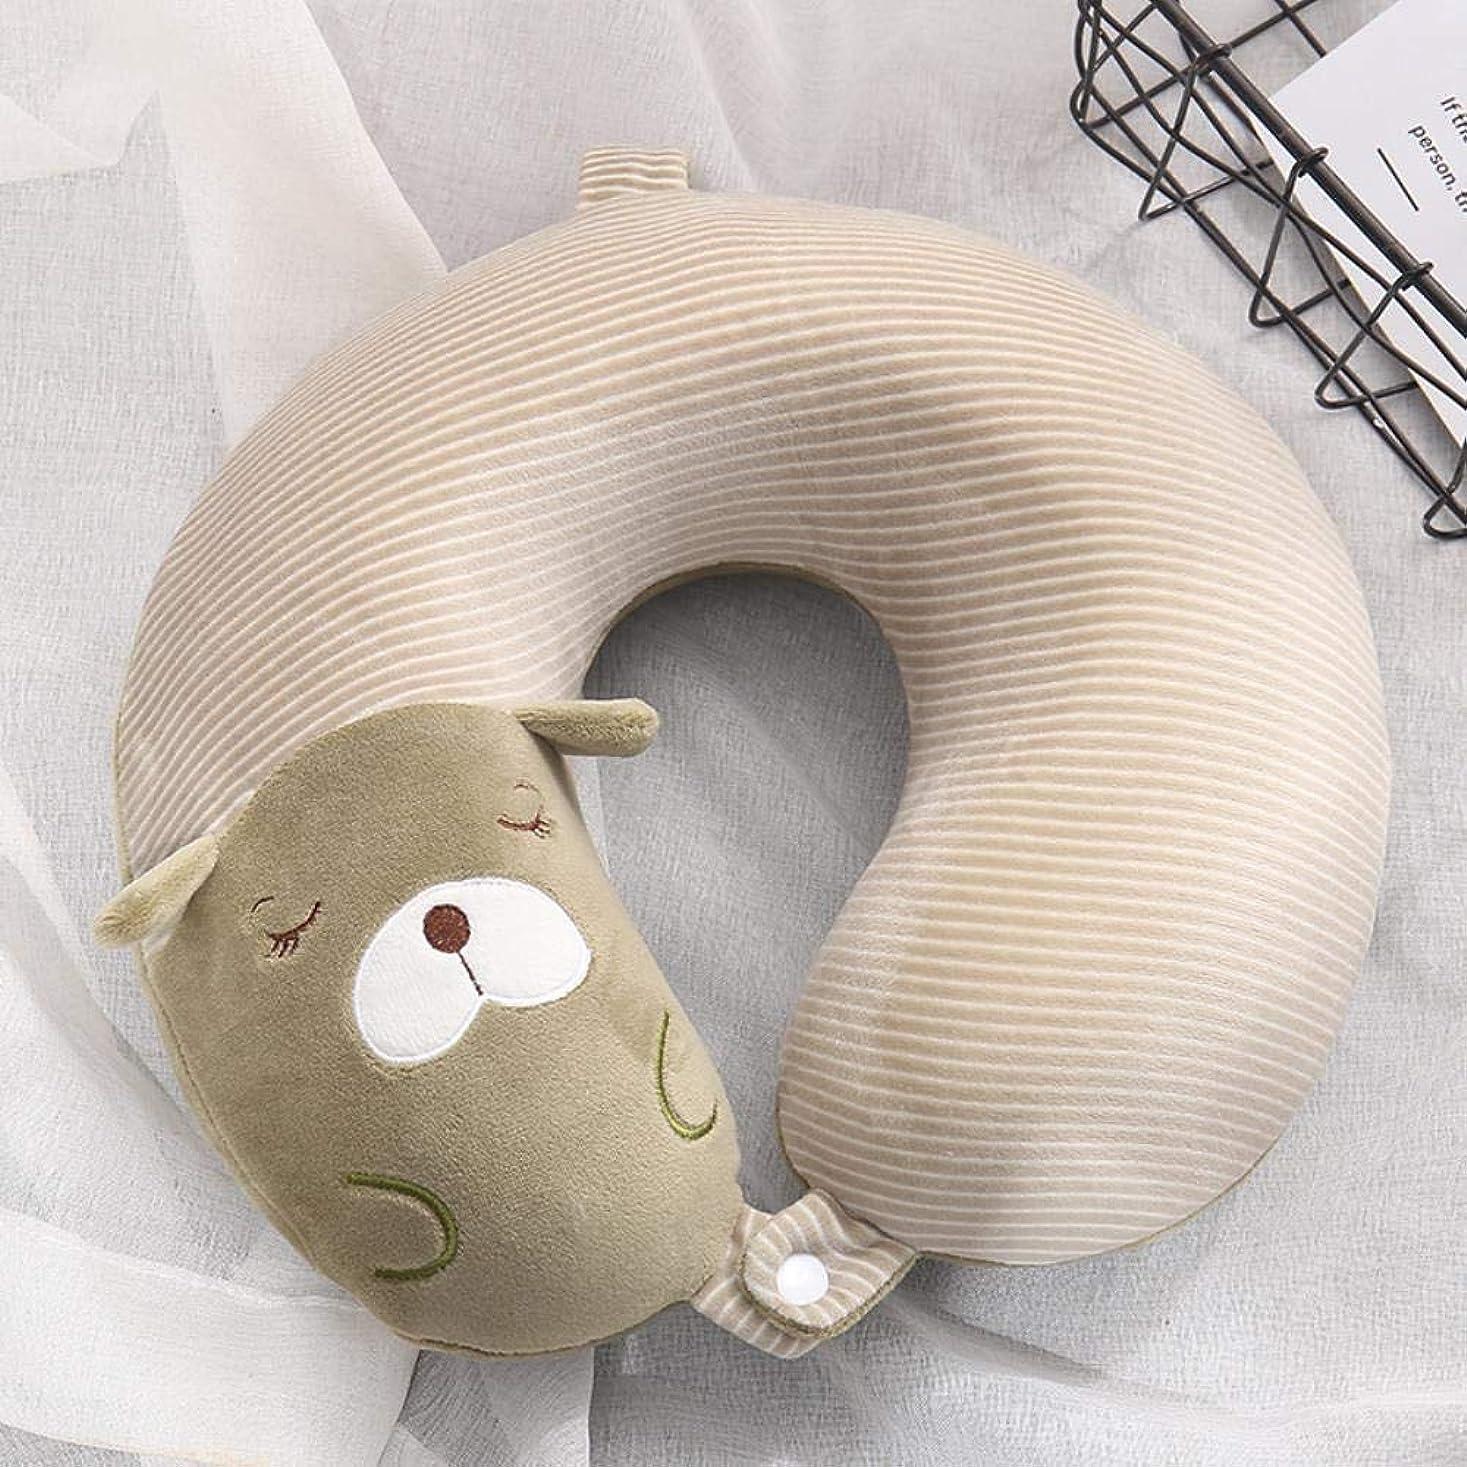 協力誓いユニークなあなたは、クロスボーダーの漫画のU-メモリ泡の枕の首枕飛行機旅行枕首枕首枕保護を気にすることができます,黄緑